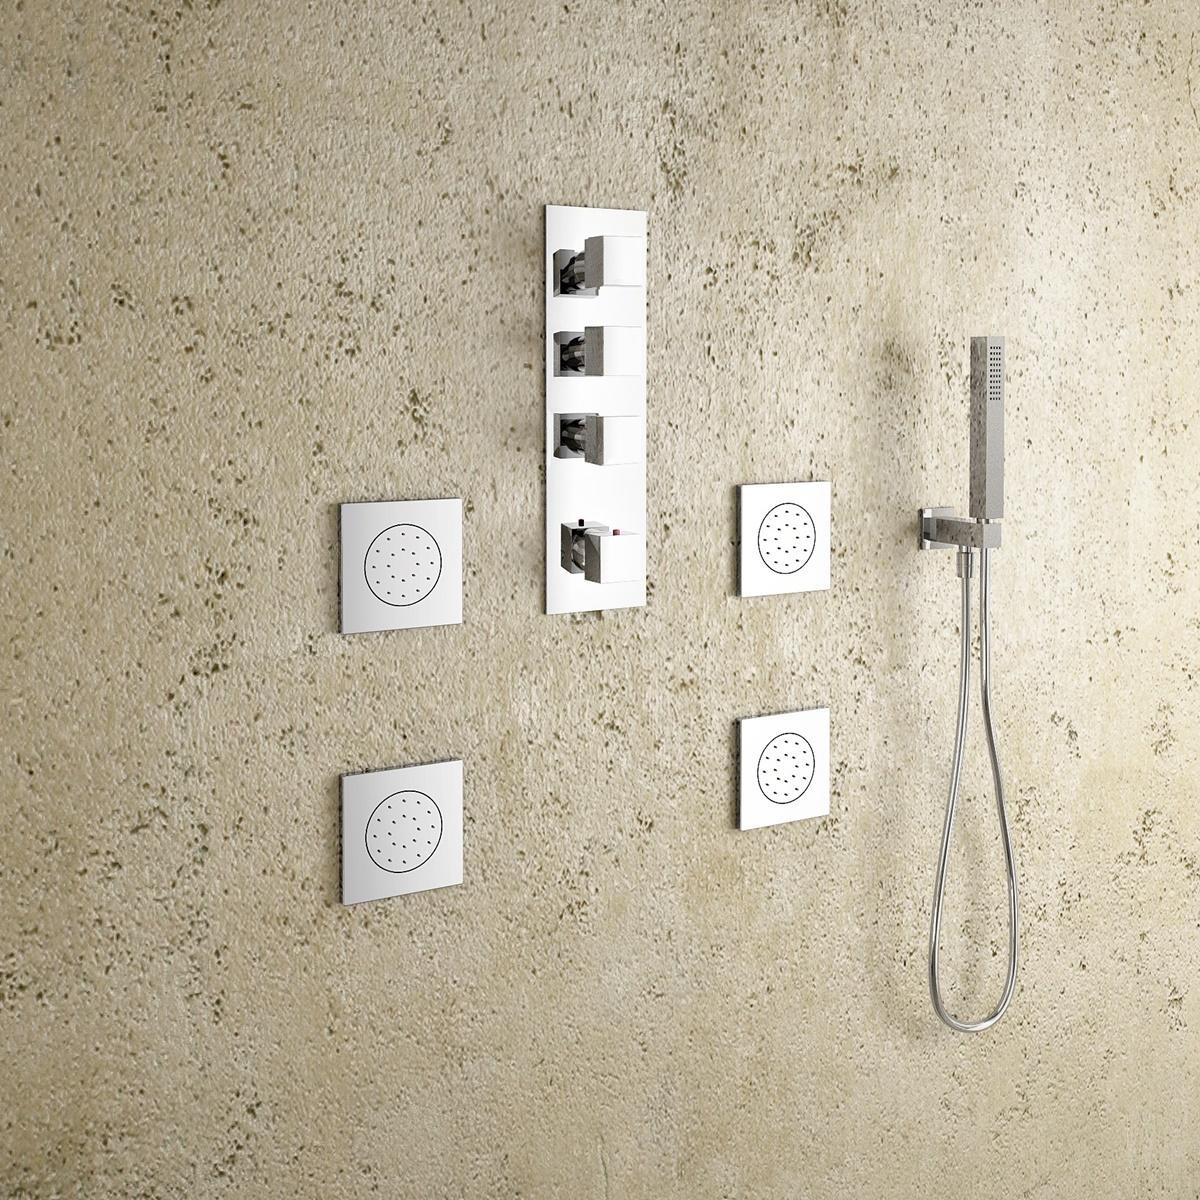 Typy sprchových baterií z hlediska umístění 5